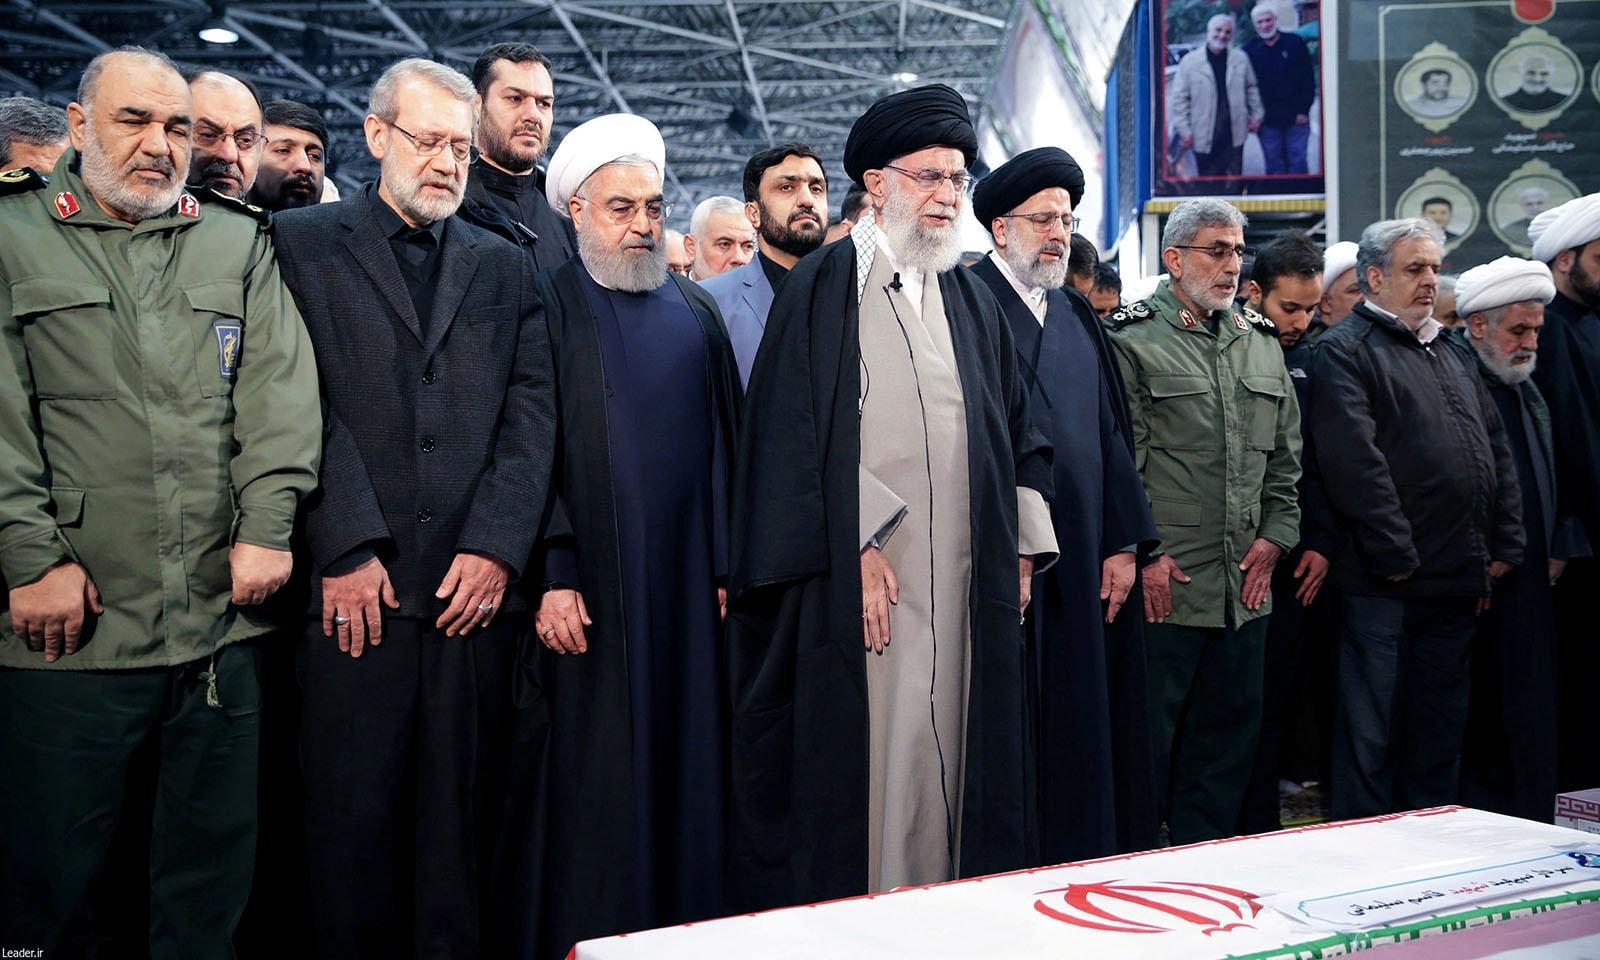 ایران کے سپریم لیڈر آیت اللہ خامنہ ای نے قاسم سلیمانی کی نماز جنازہ پڑھائی — فوٹو: رائٹرز